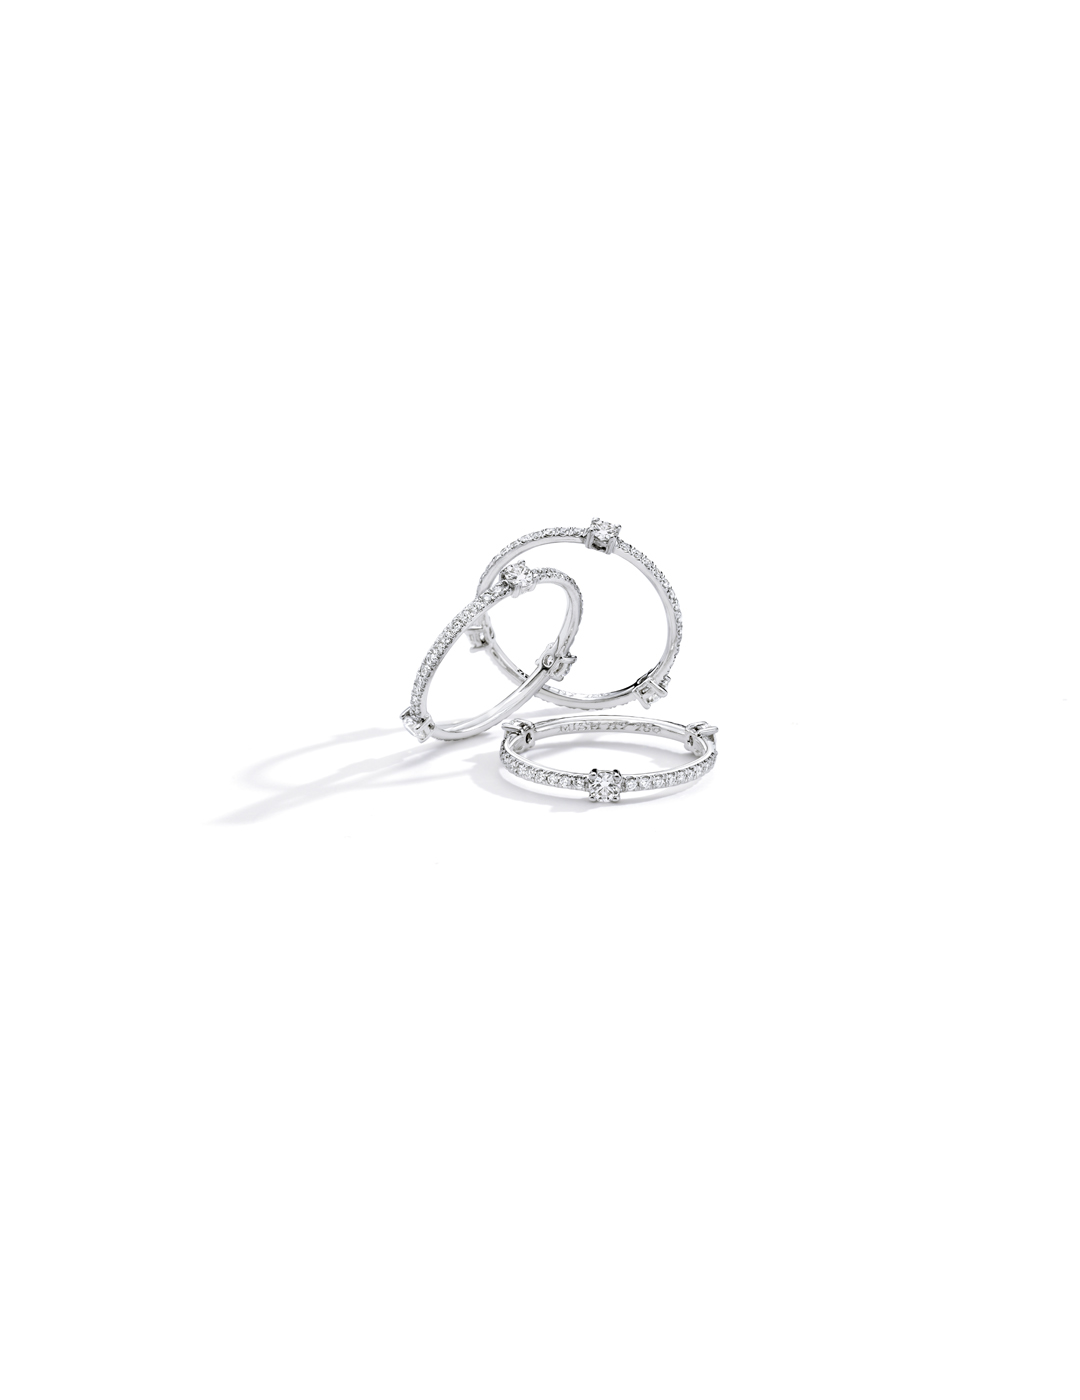 mish_products_rings_WhiteDiam-3Stone-2